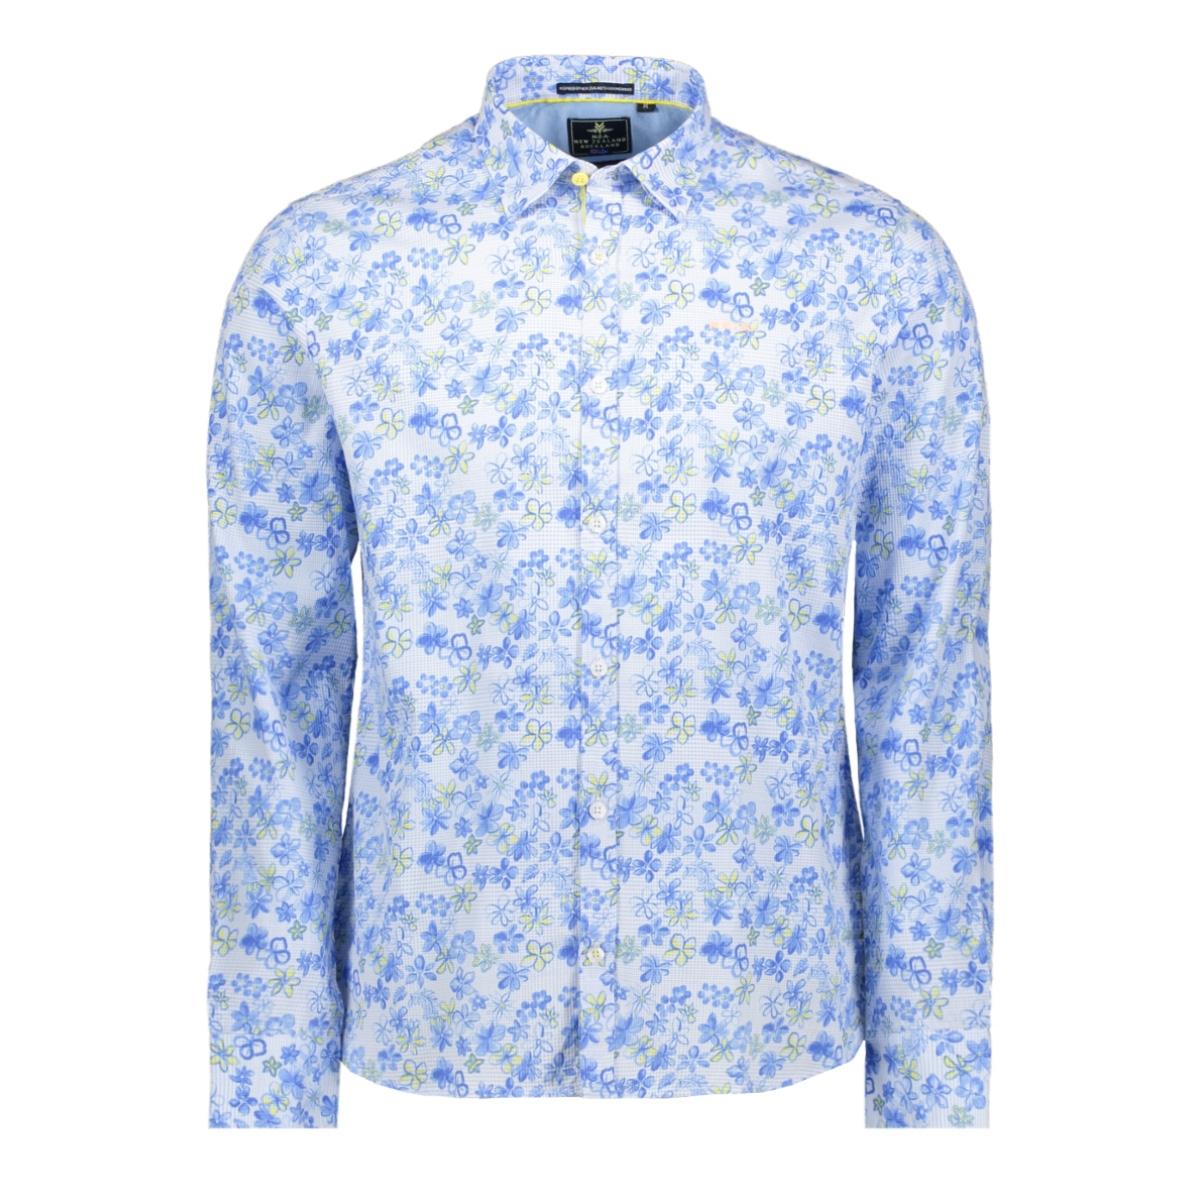 kanono 20an571 nza overhemd 370 light blue